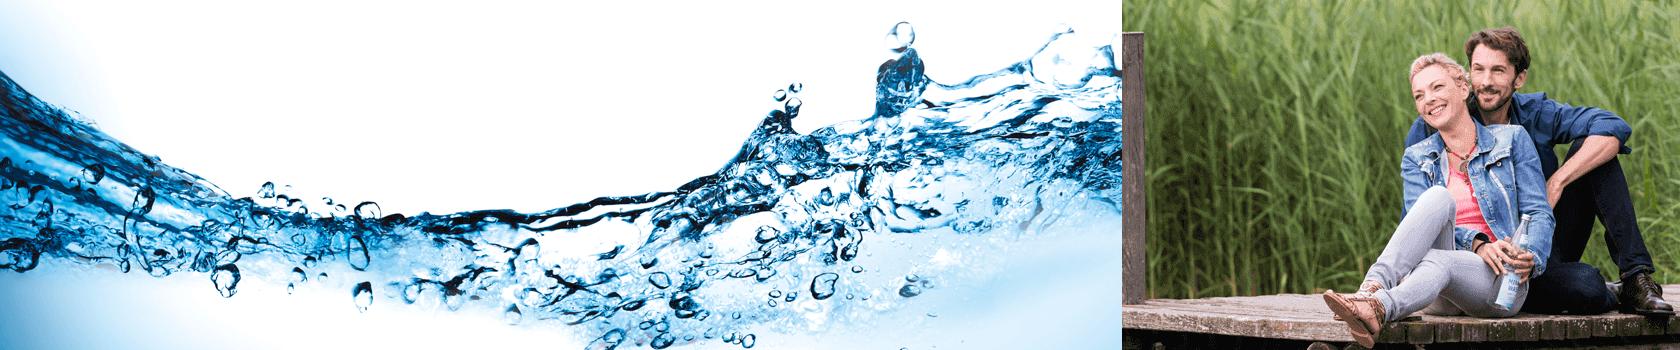 GDB Mineralwasser